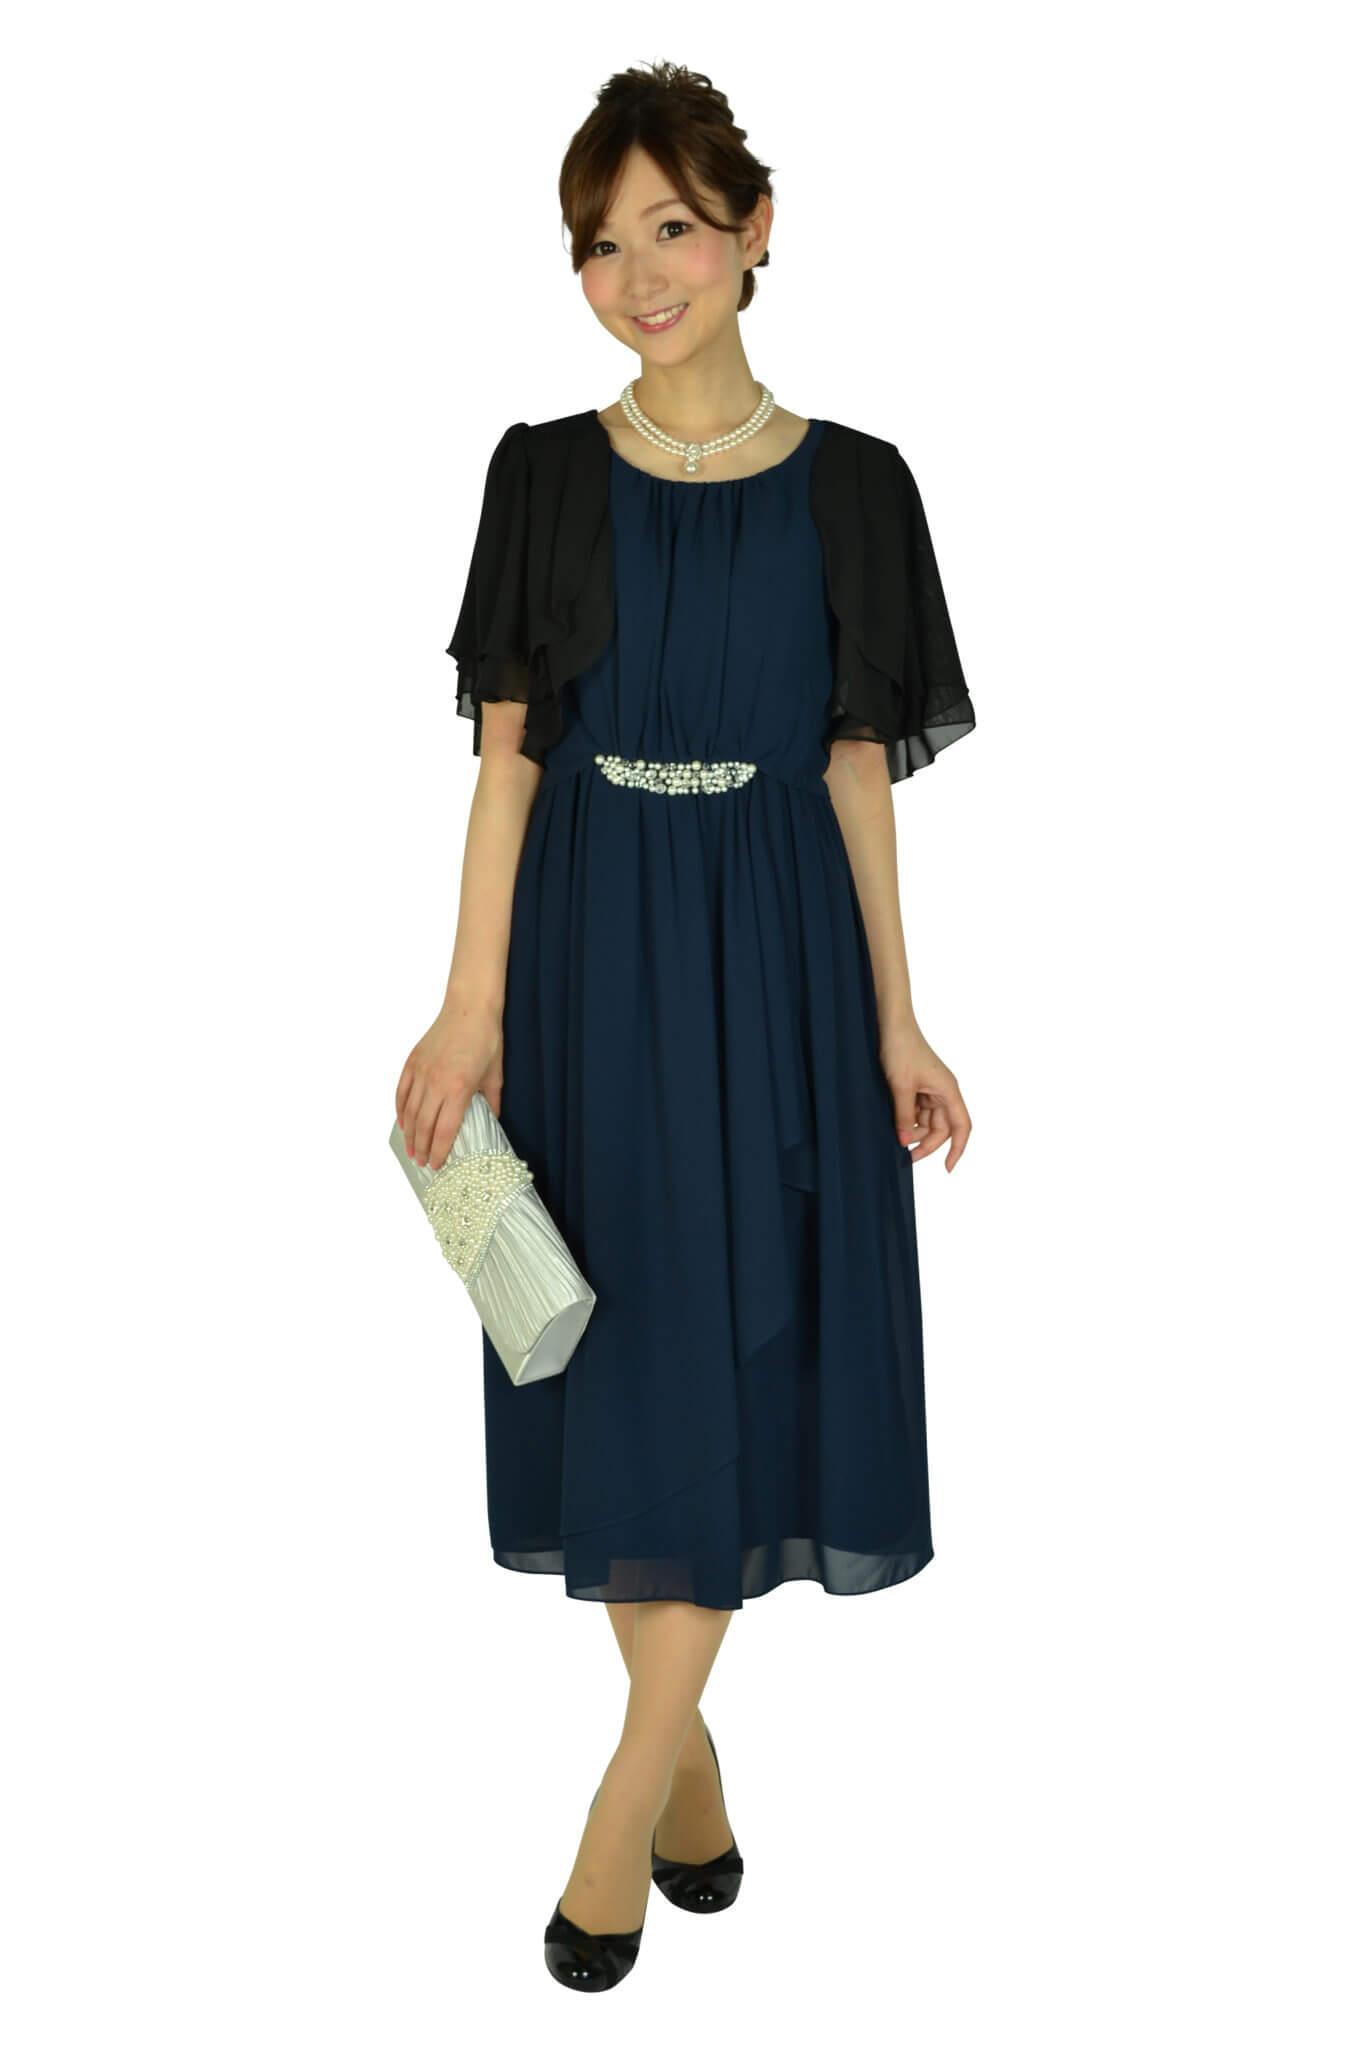 ミベル ミューズ (mebelle muse)ウェストパールネイビードレス